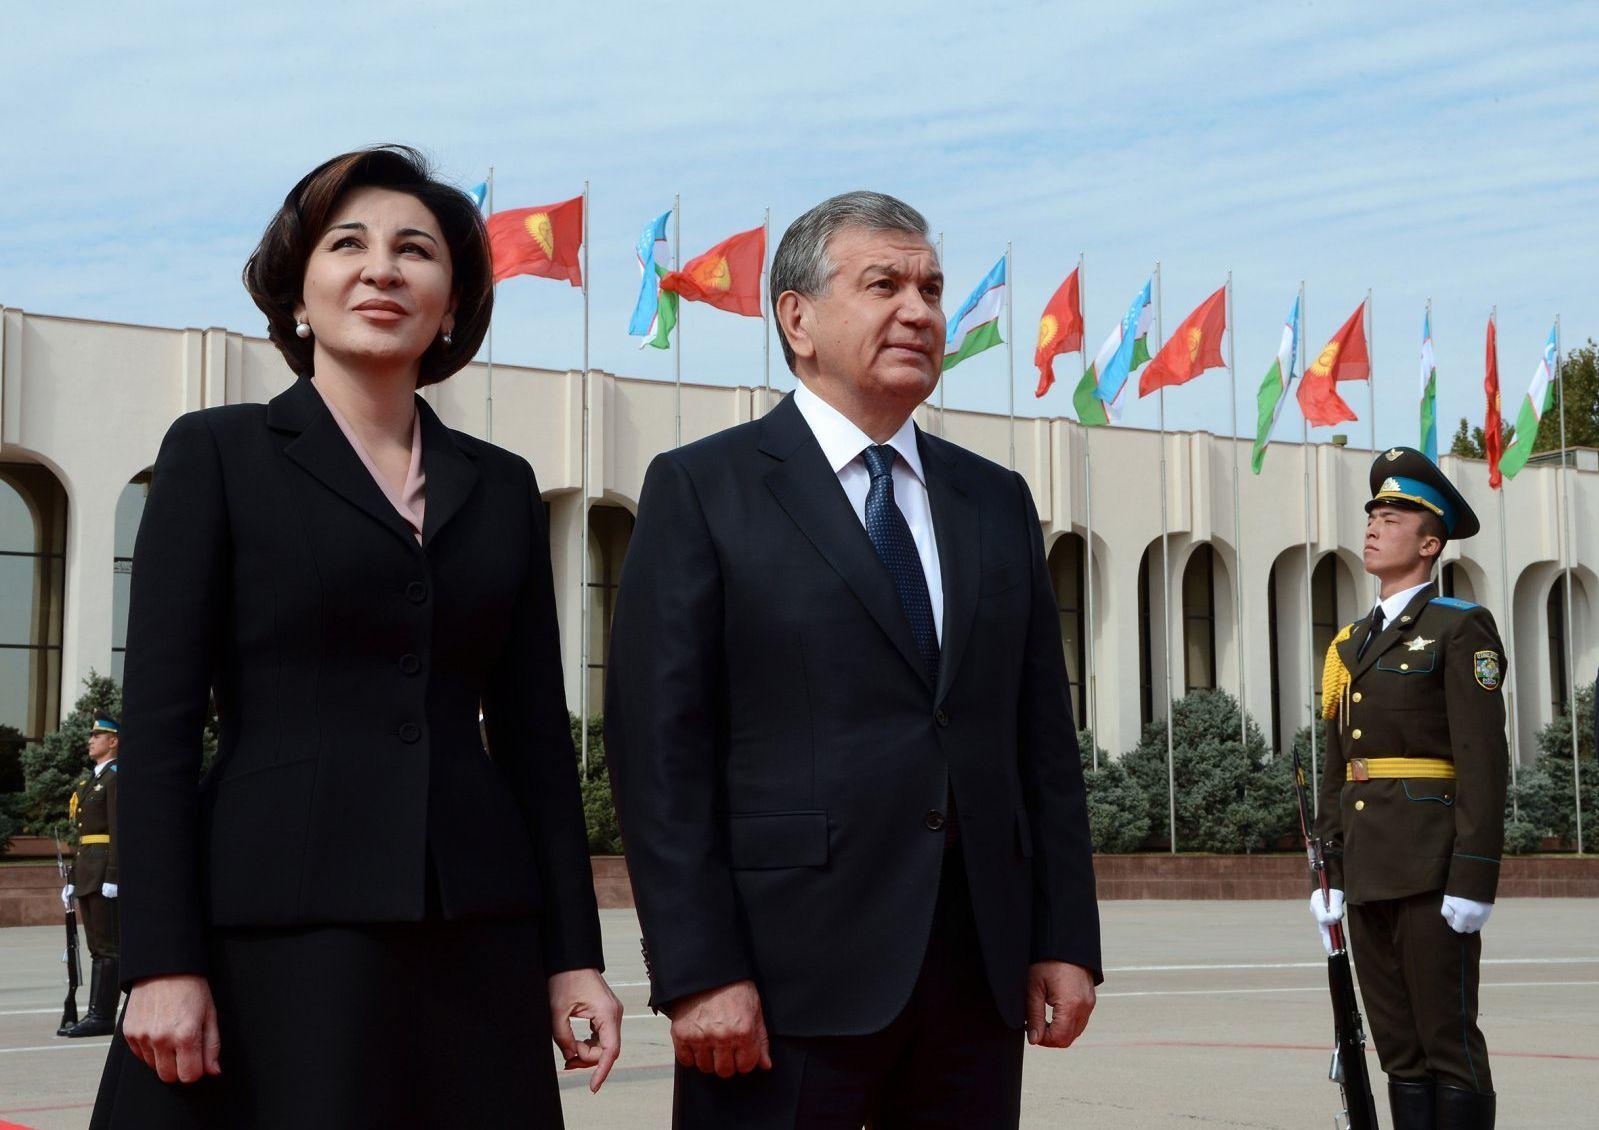 Глава Узбекистана Шавкат Мирзиёев и первая леди Узбекистана Зироатхон Хошимова